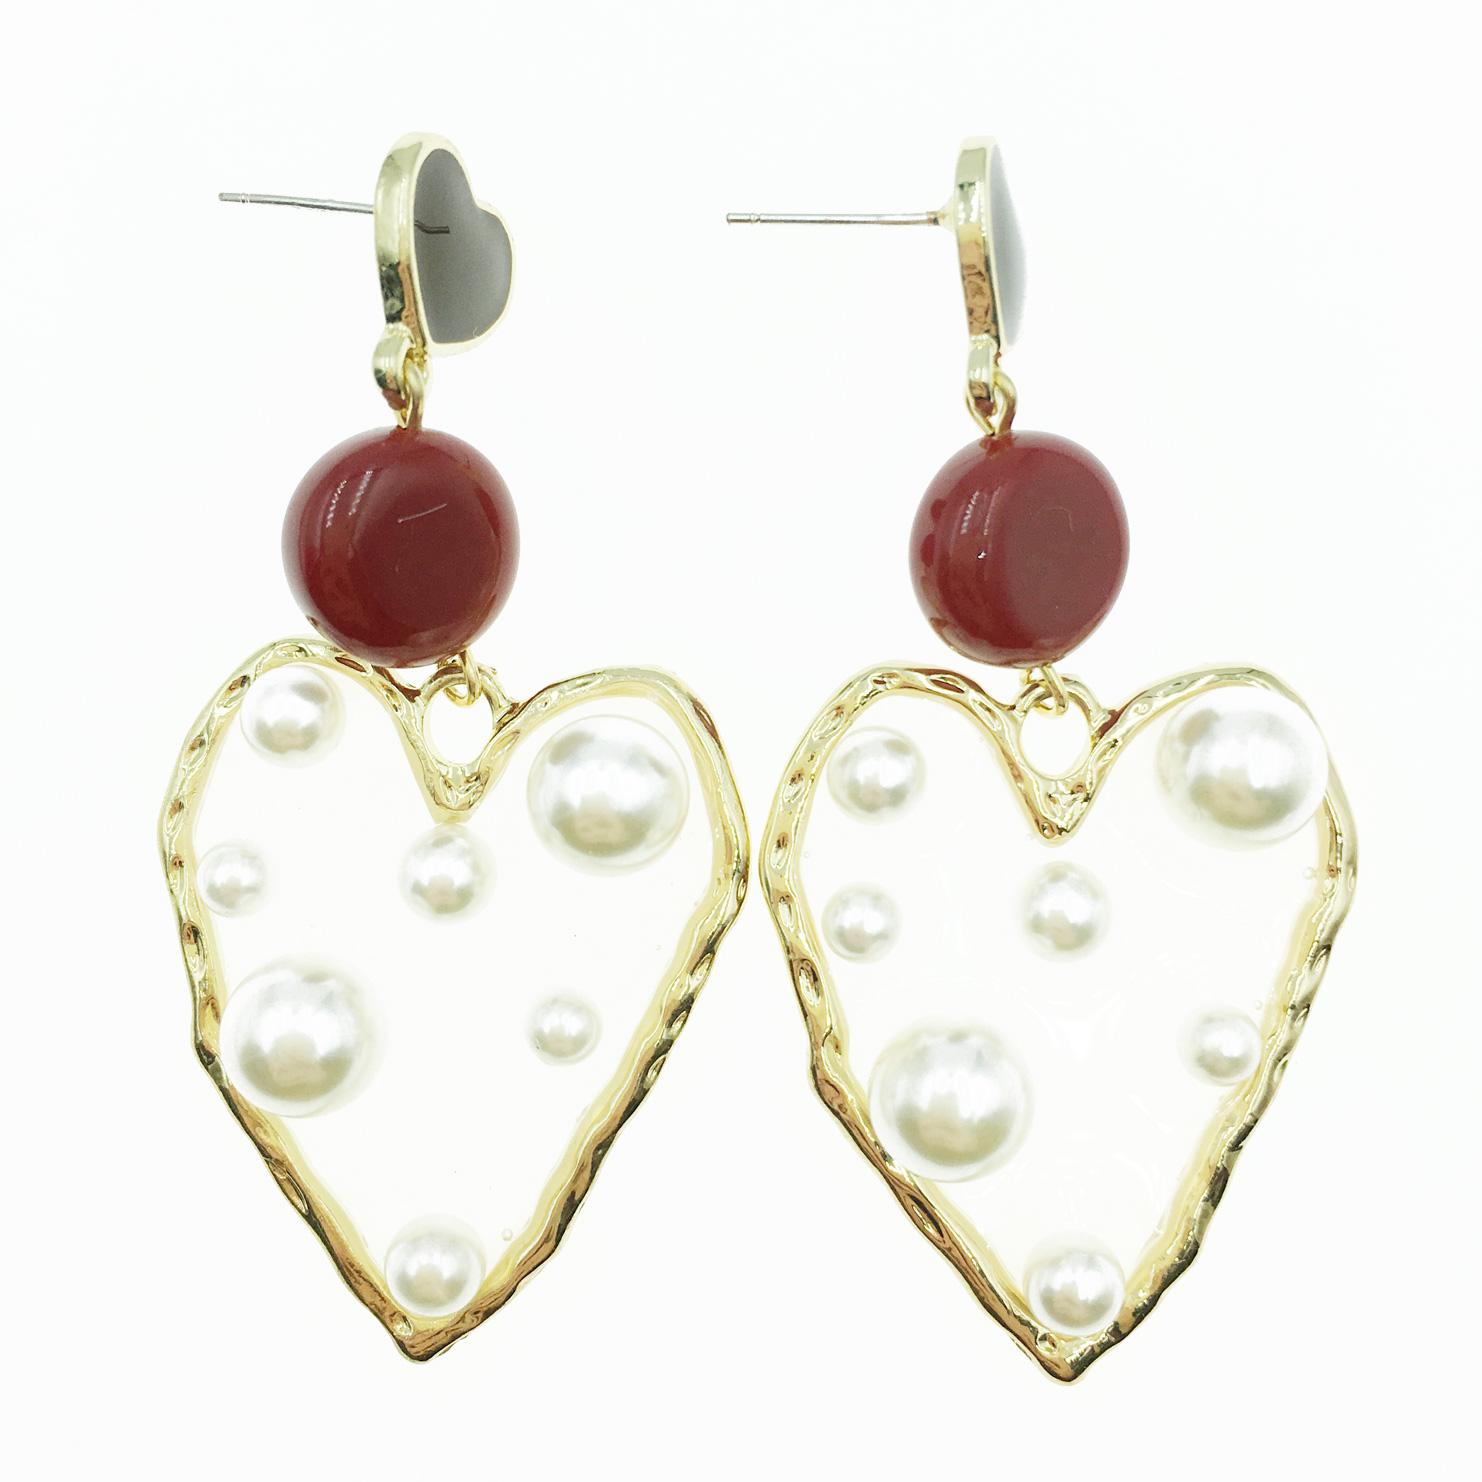 韓國 925純銀 金邊大愛心 珍珠夾心 透明 垂墜感 耳針式耳環